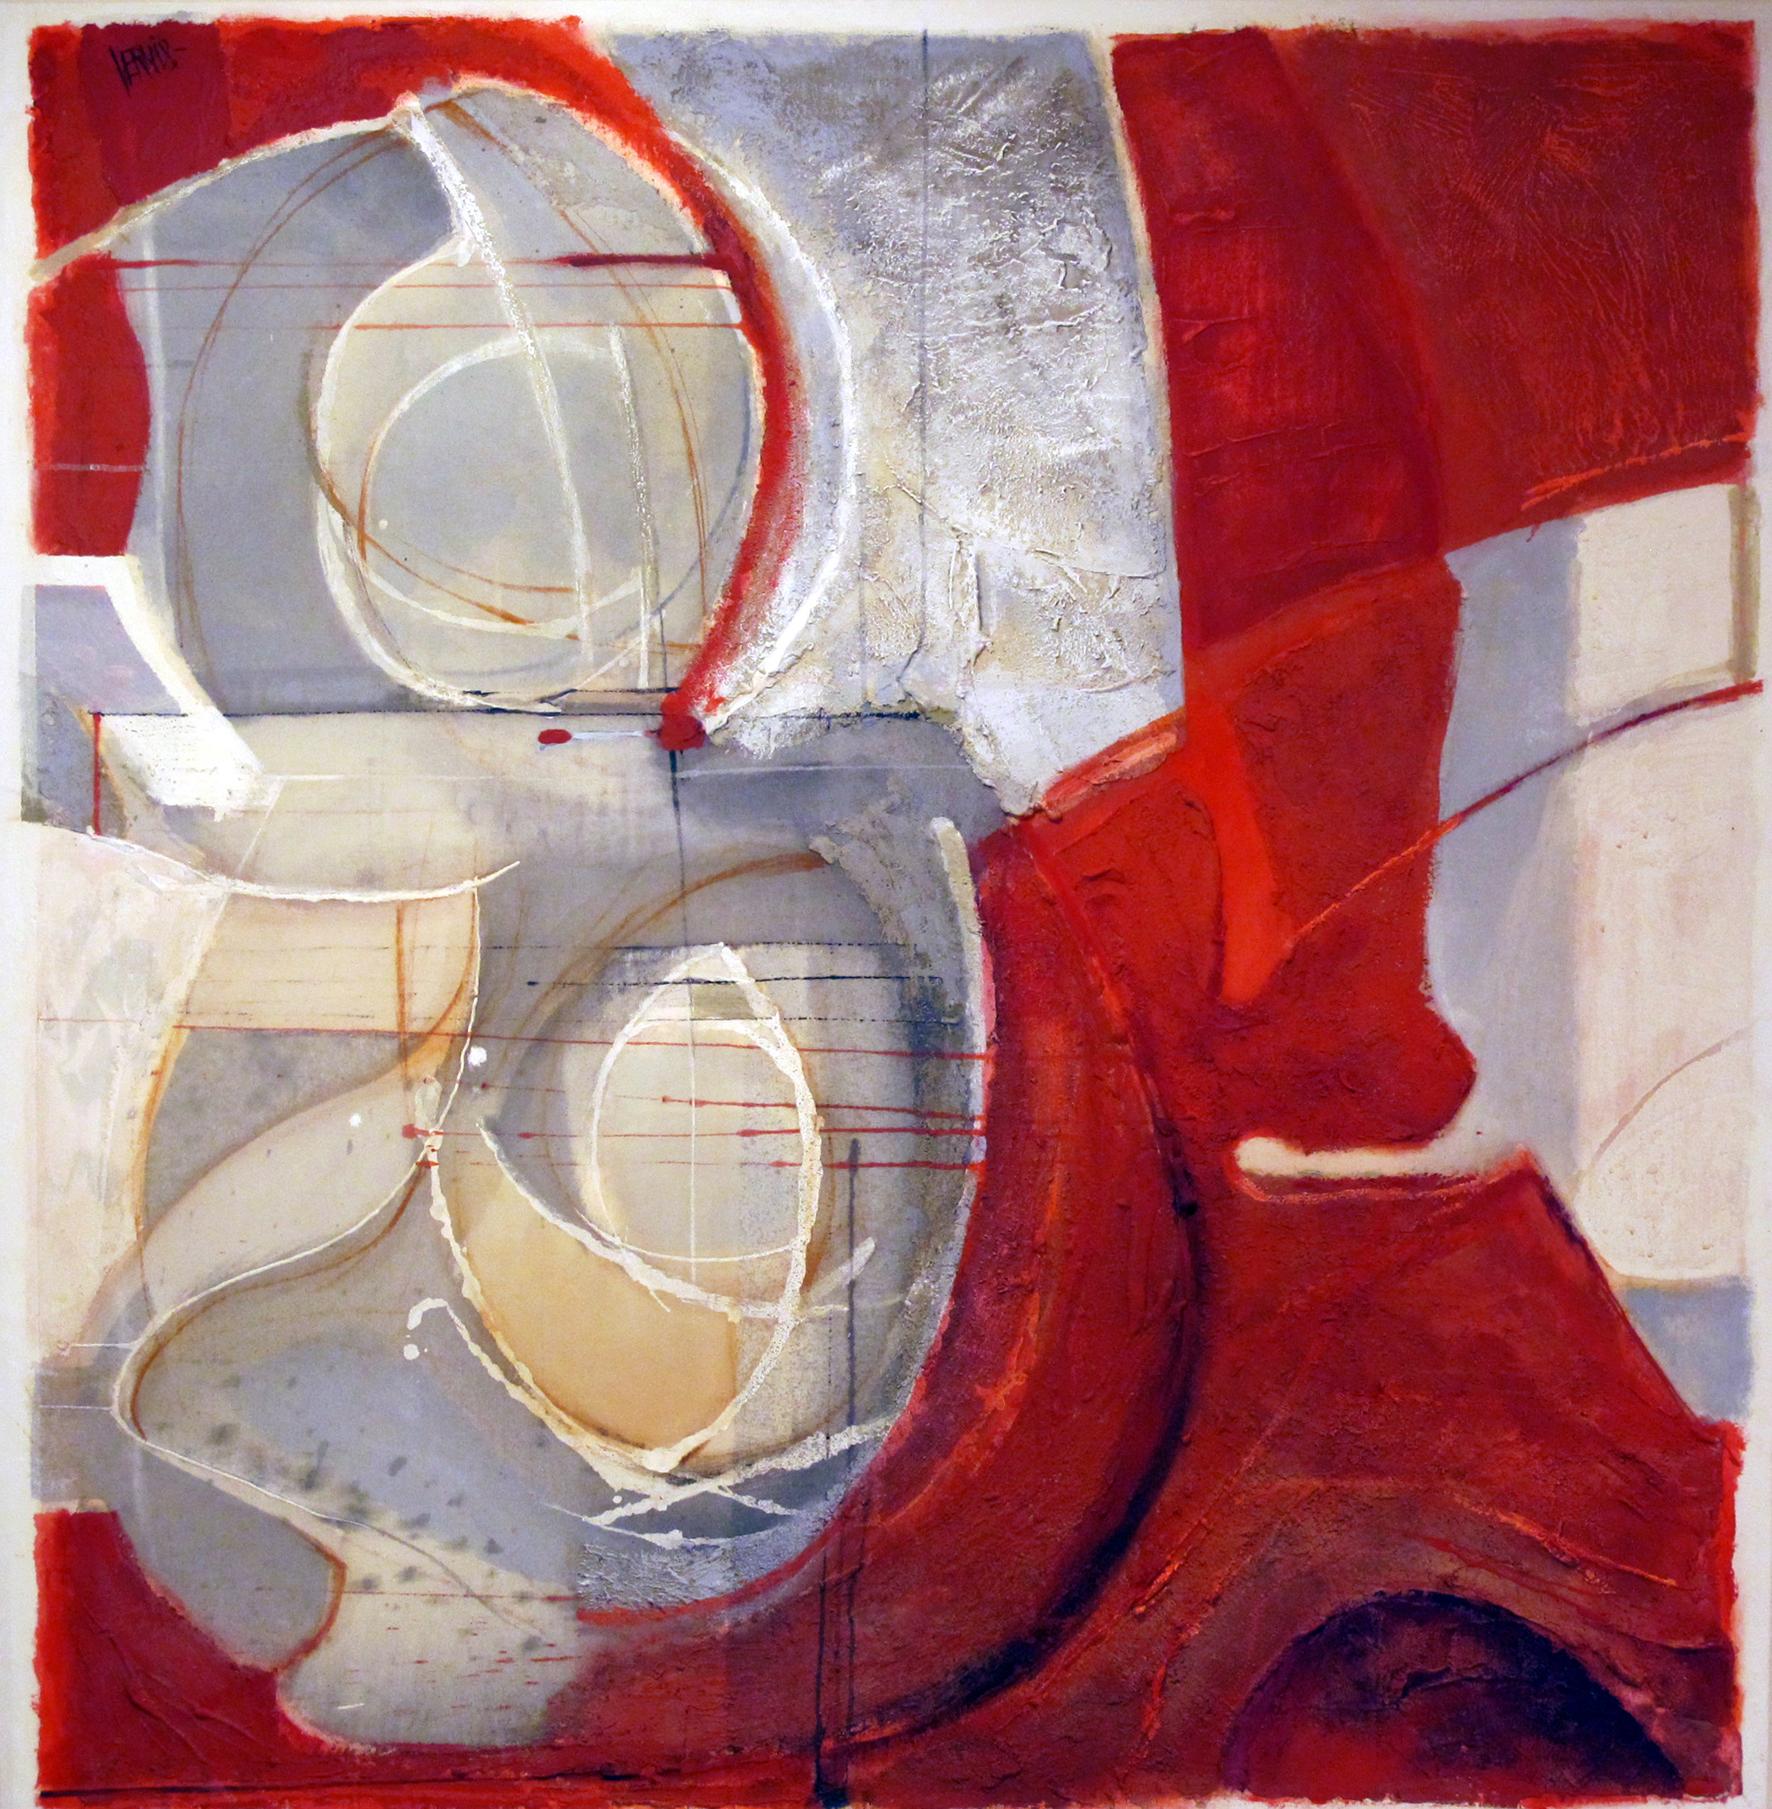 Escultures i pintures de l'artista Josep Vernis, del 18 de juny al 31 de juliol, a Ca l'Anita